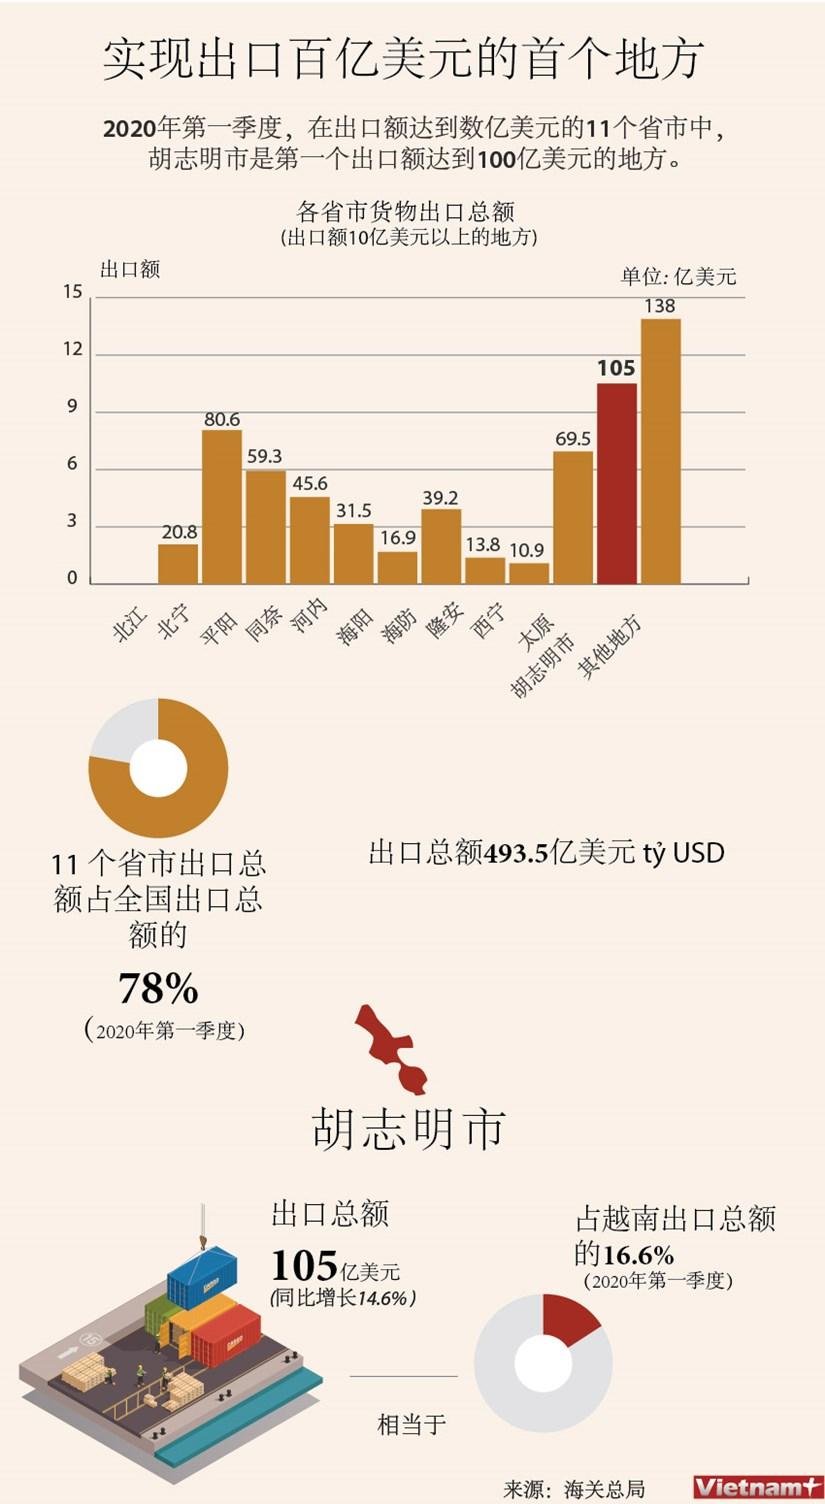 图片新闻:2020年第一季度实现出口百亿美元的首个地方 hinh anh 1